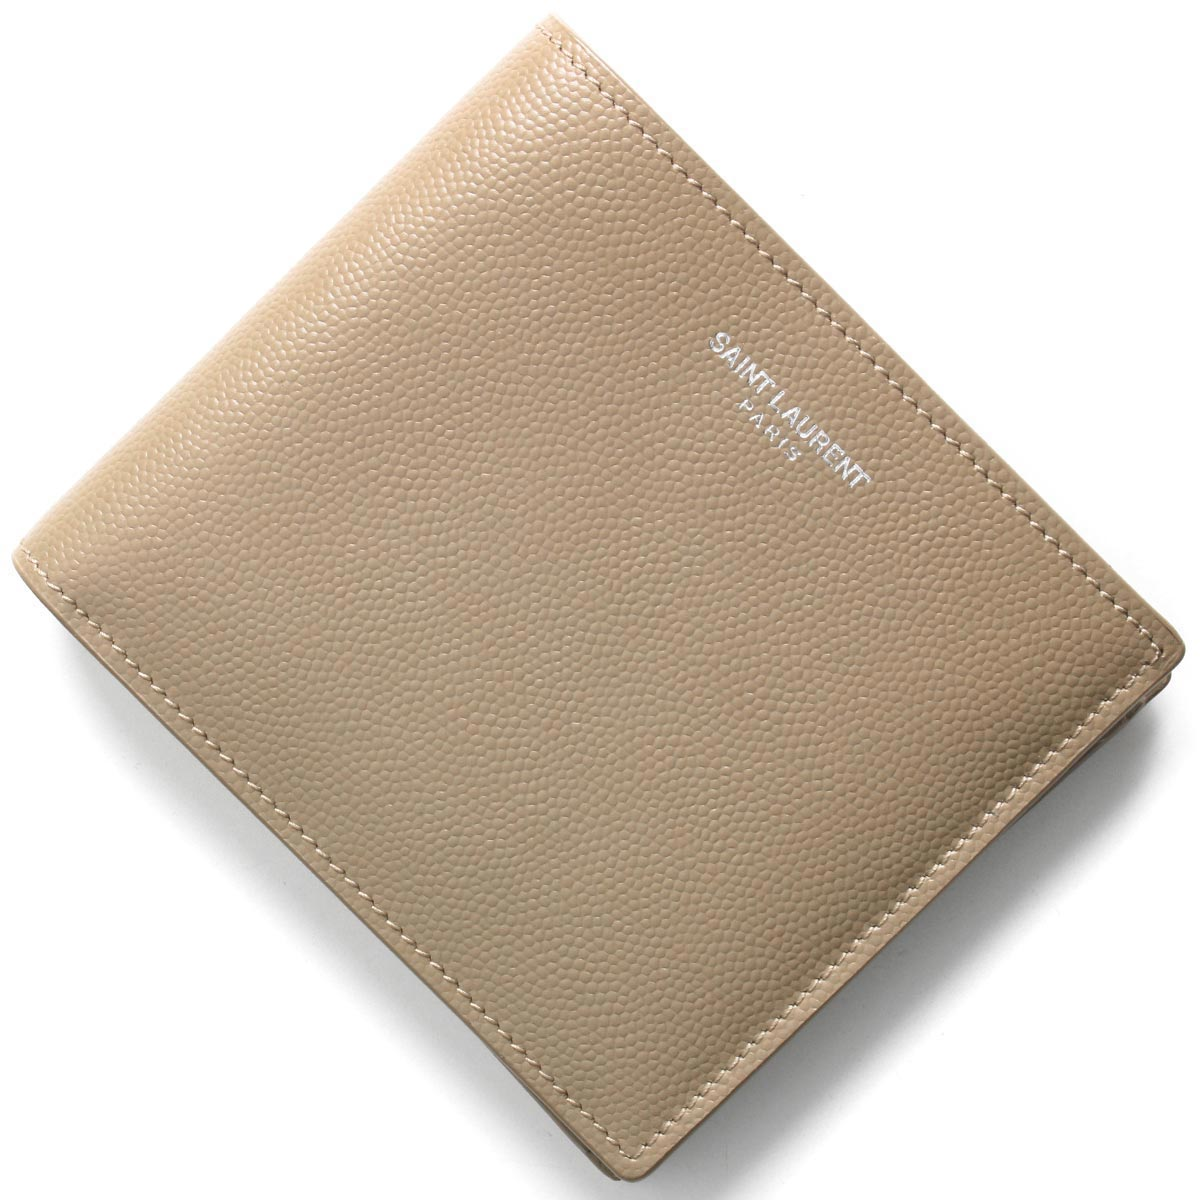 サンローランパリ イヴサンローラン 二つ折り財布 財布 メンズ レディース クラシック ダスティグレージュ 396303 BTY0N 1722 SAINT LAURENT PARIS